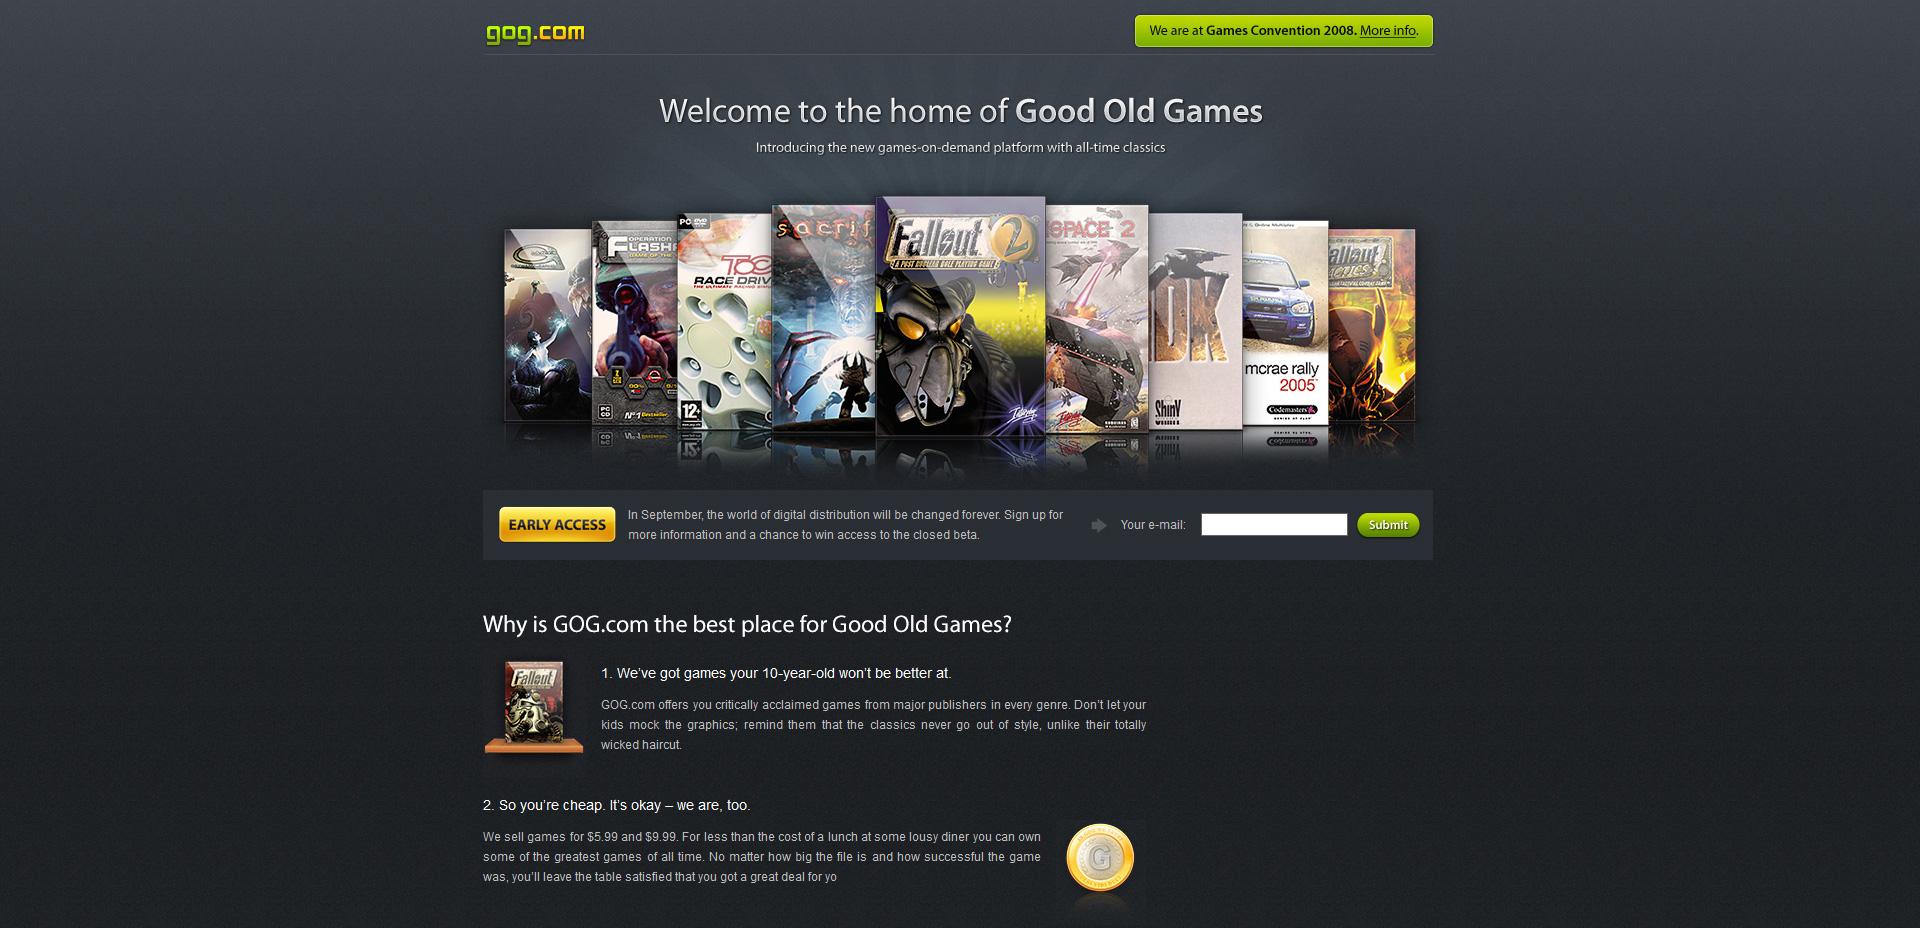 GOG.com aka Good Old Games back in 2008